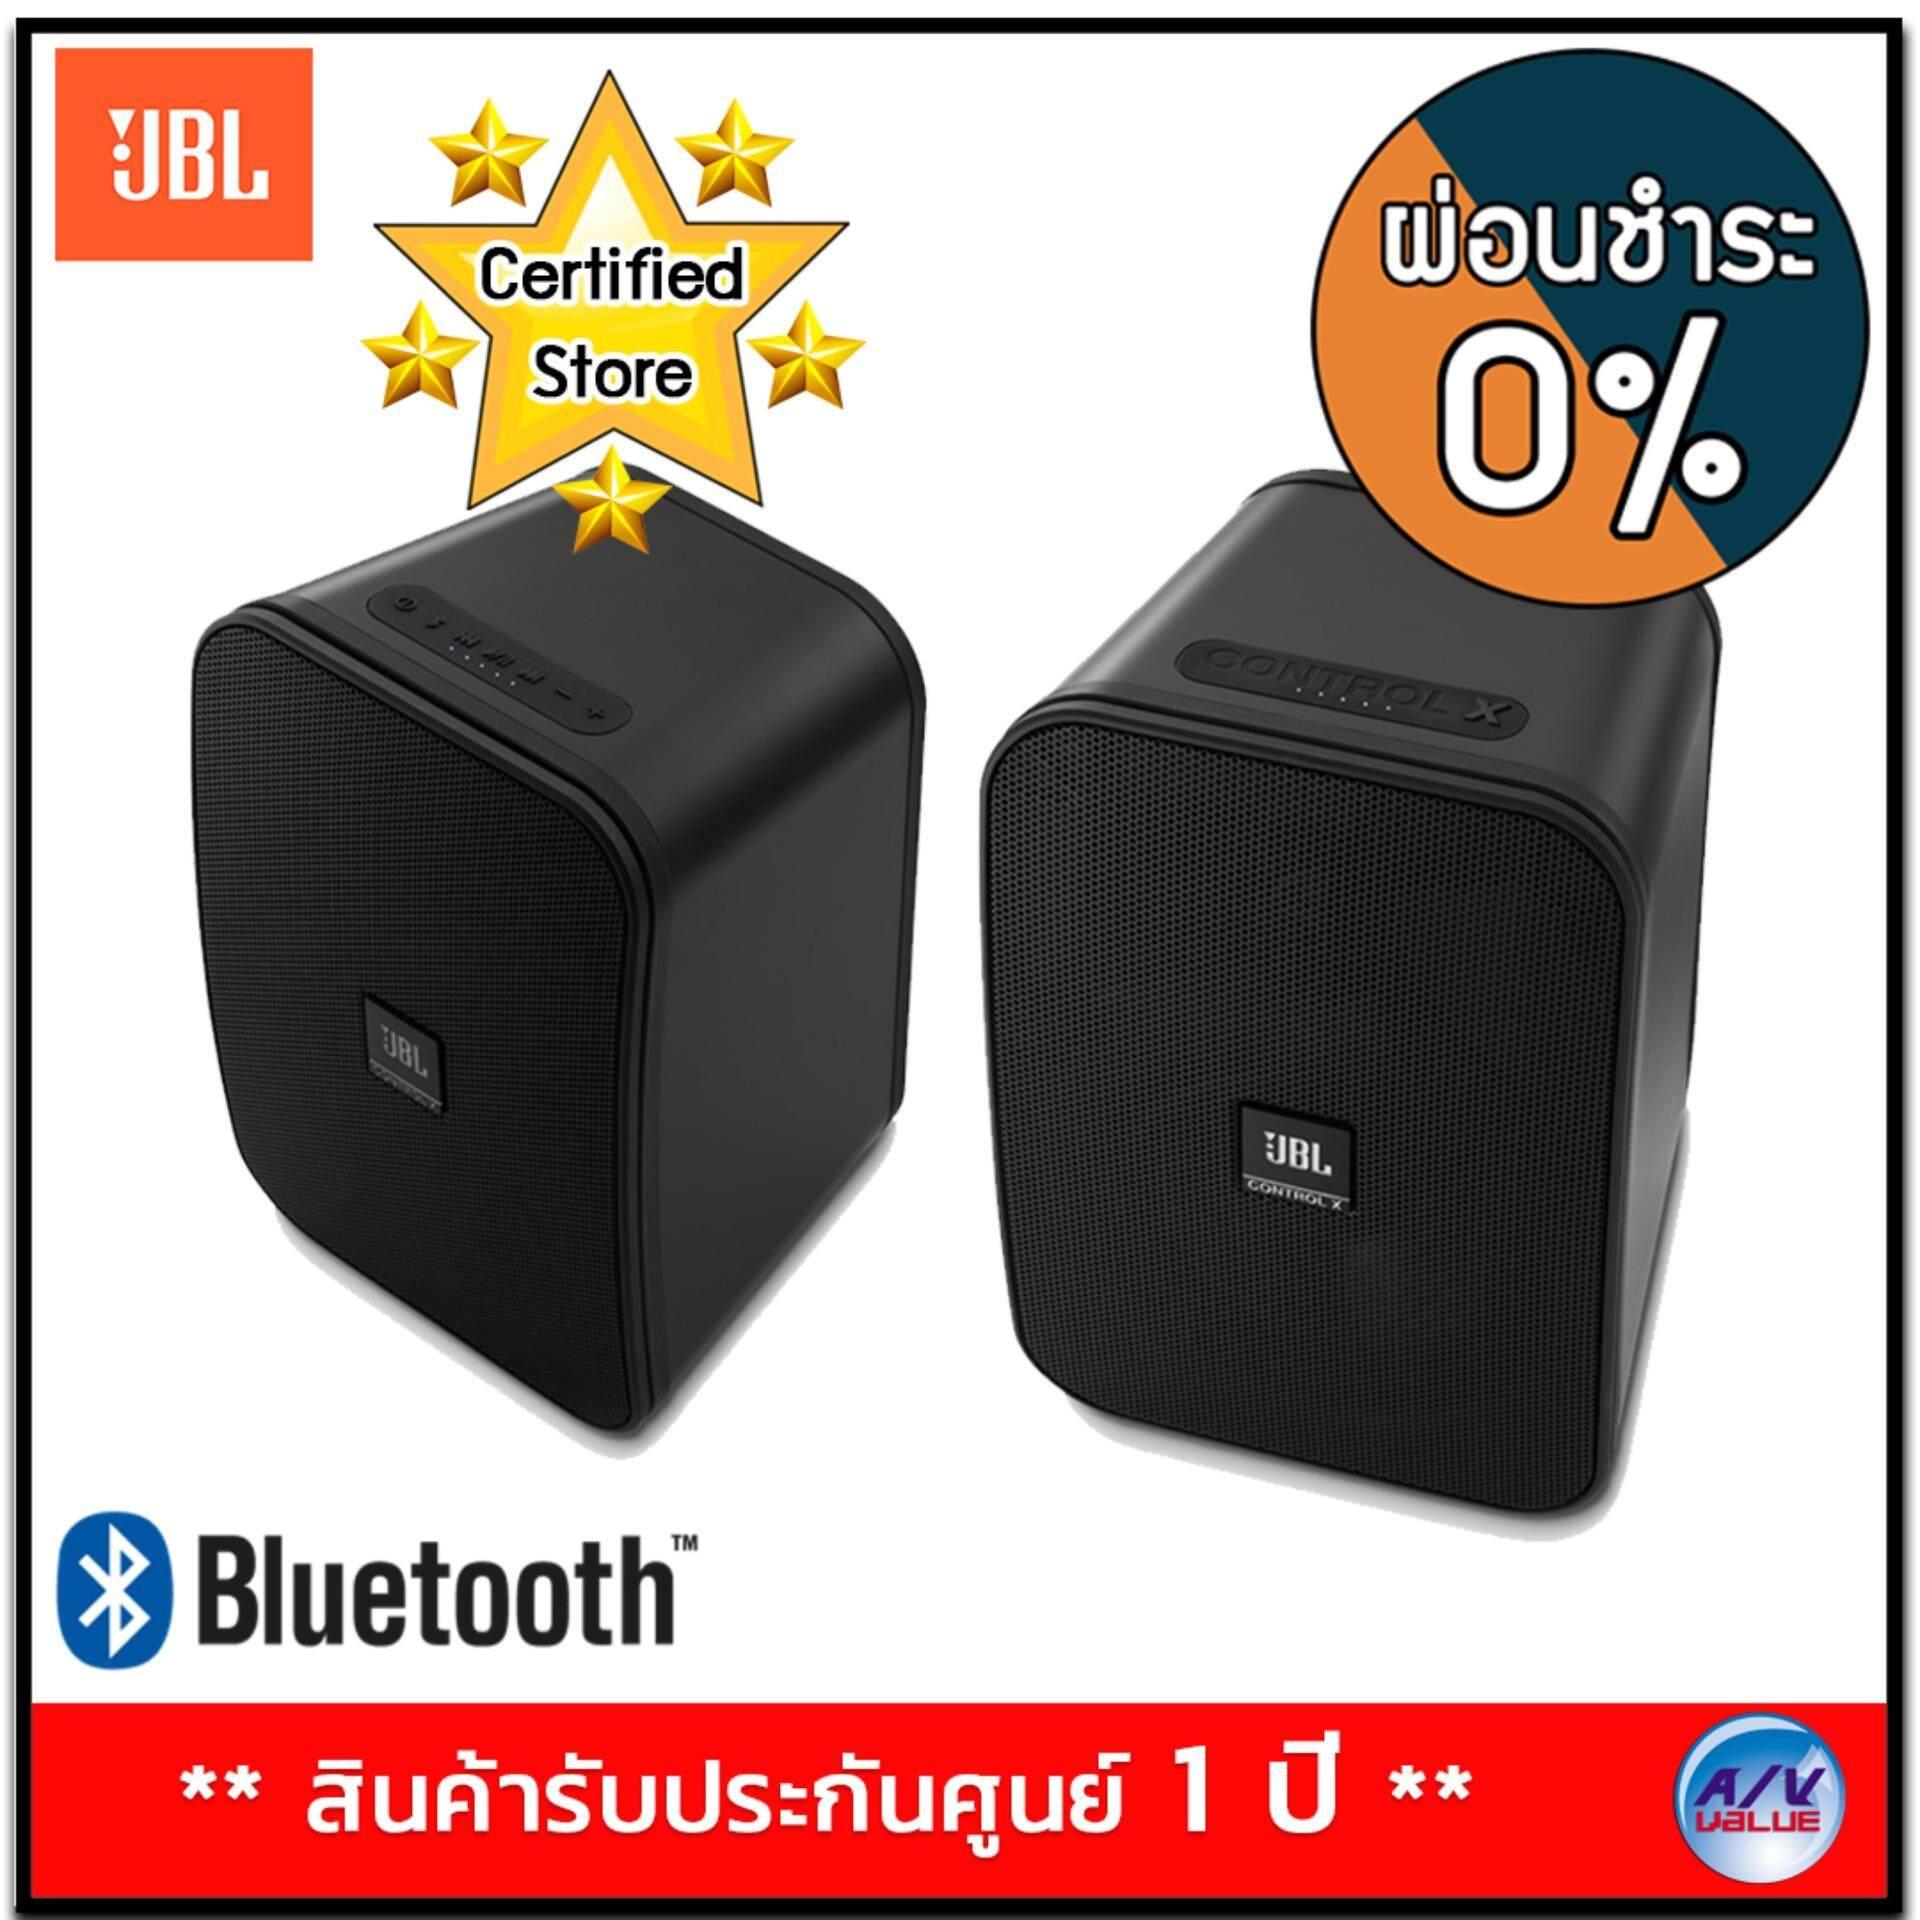 ศรีสะเกษ JBL Control XT Wireless stereo Bluetooth® speakers - Black